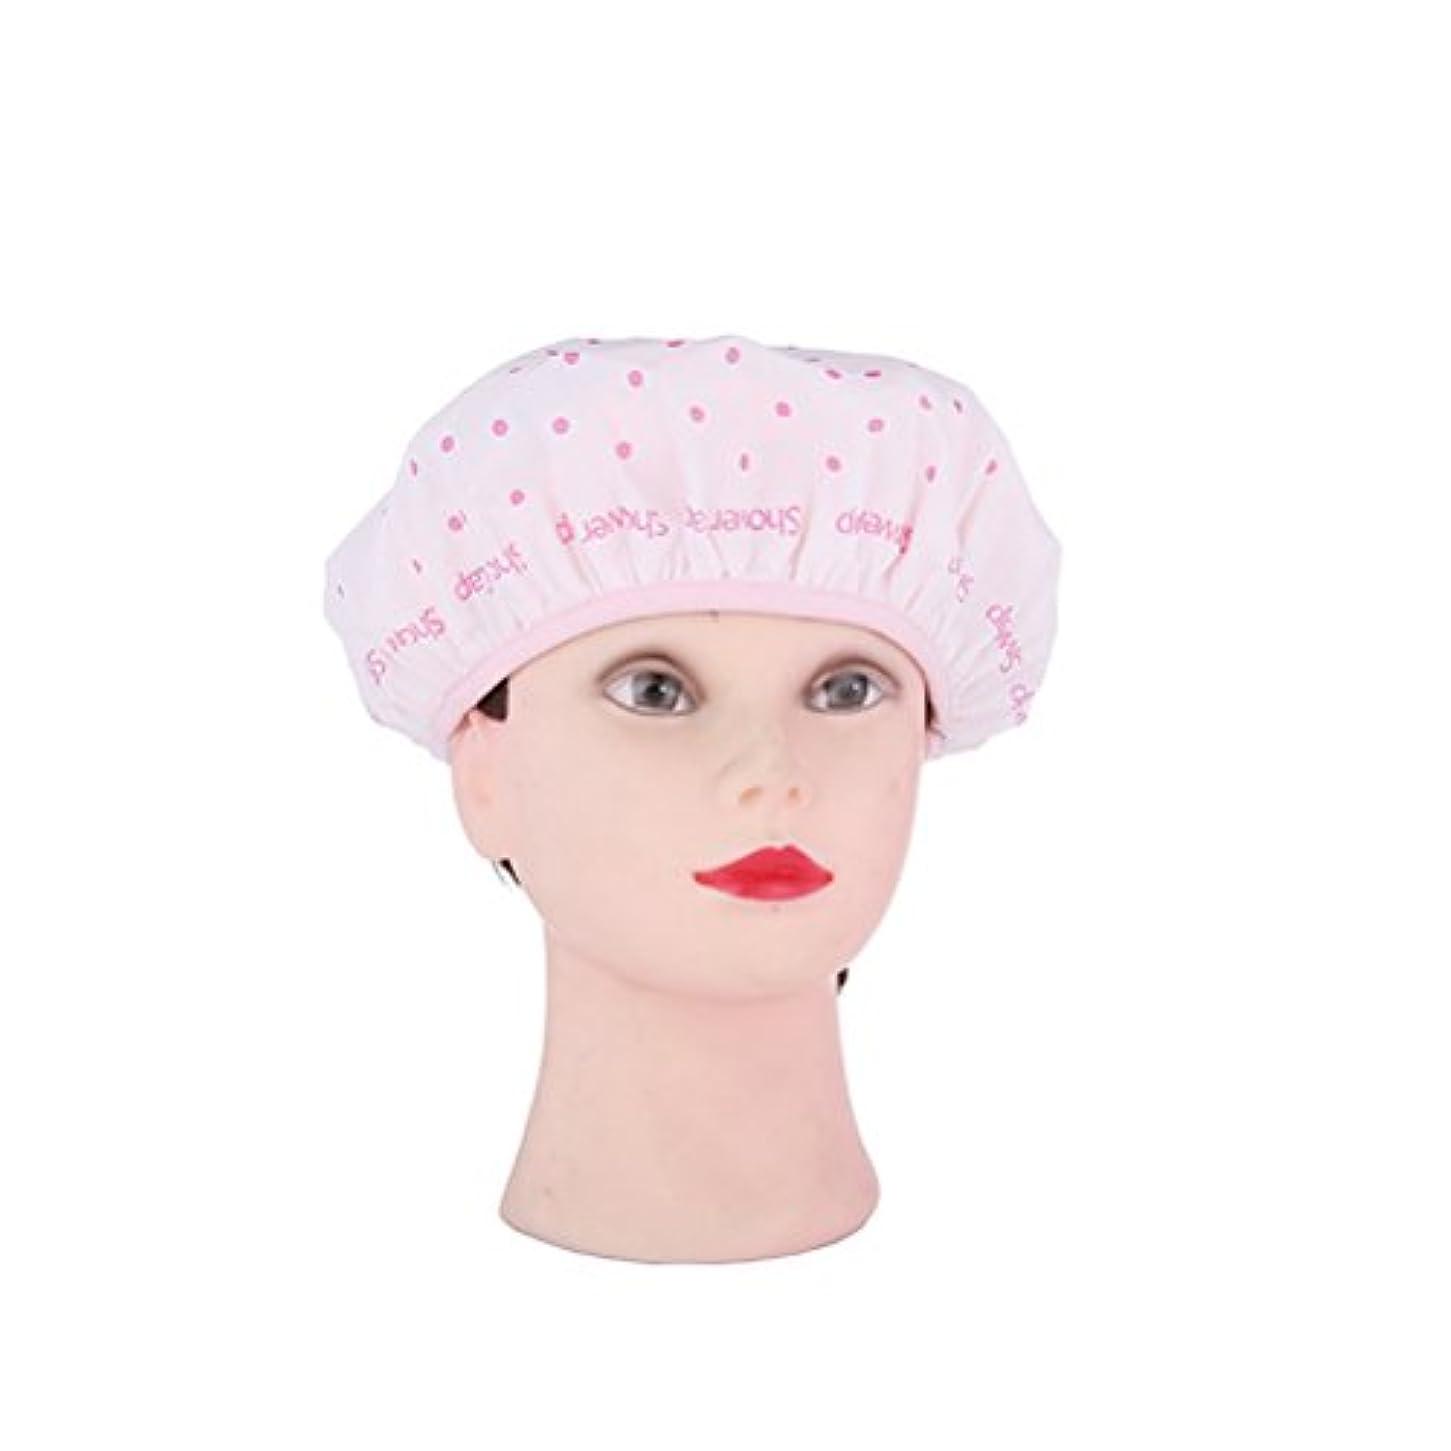 突っ込む絶対に組み立てるHEALLILY シャワーの帽子女性の子供のための防水シャワーの帽子のBathのシャワーの毛の帽子